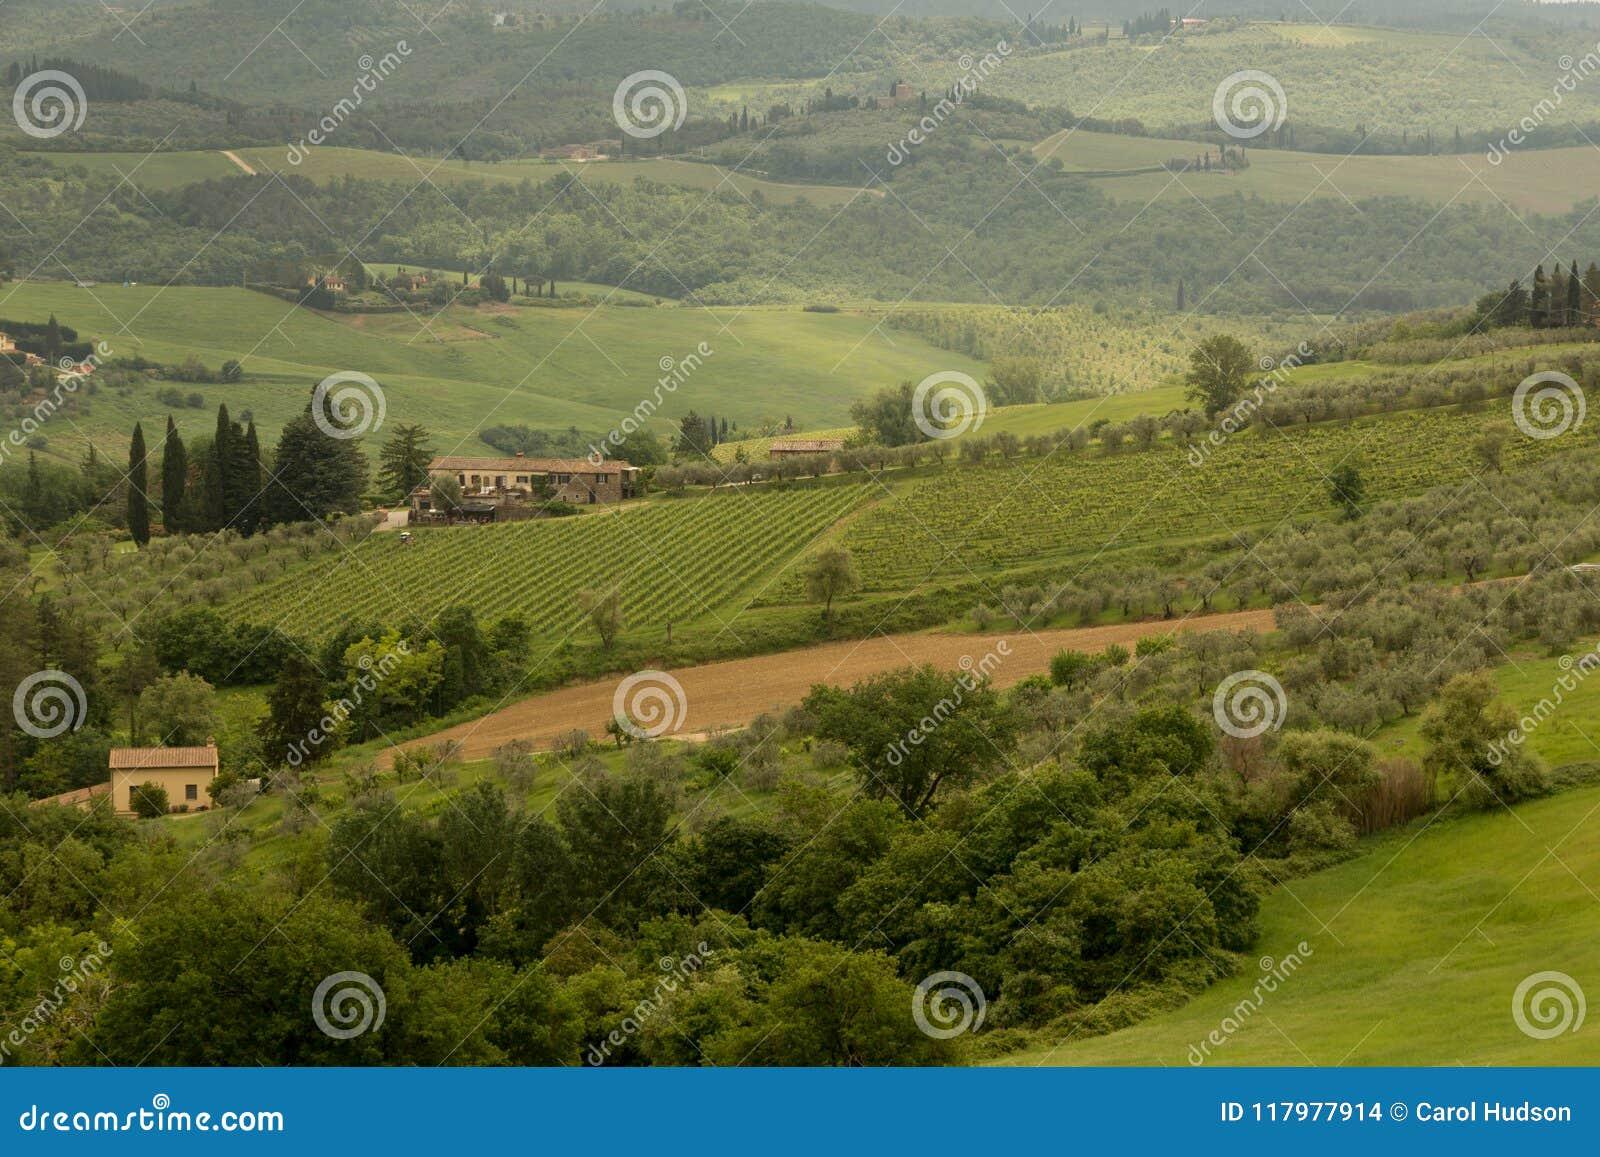 Vinhedos e bosques verde-oliva em um montanhês de Tuscan